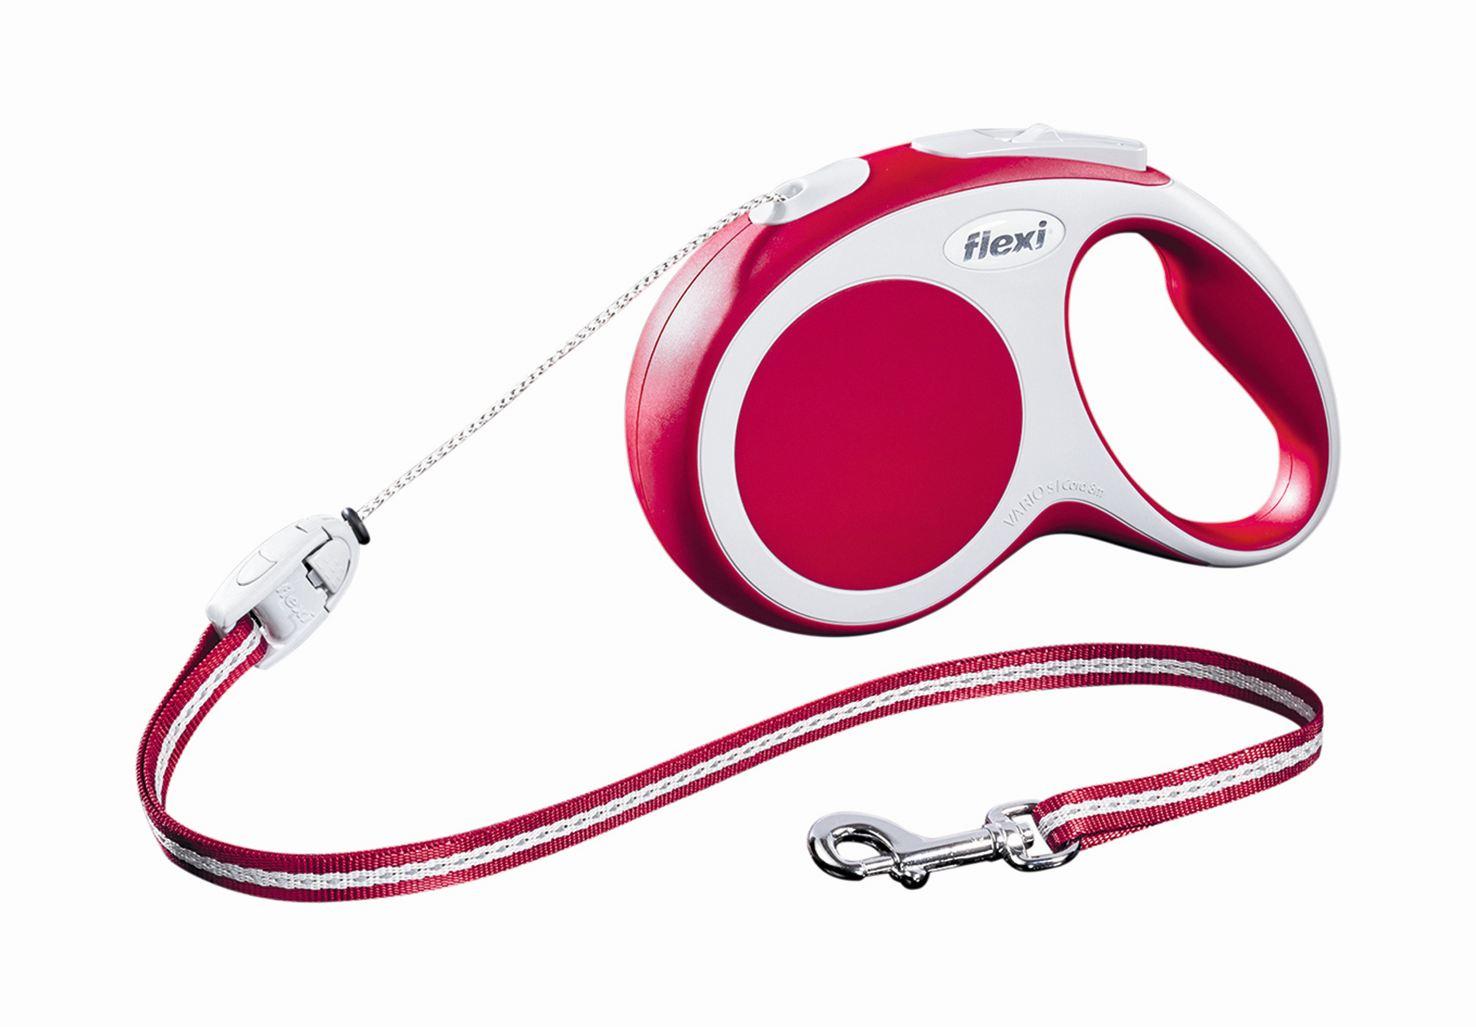 Поводок-рулетка Flexi Vario Long S для собак до 12 кг, цвет: красный, 8 м019313Поводок-рулетка Flexi Vario Long S изготовлен из пластика и нейлона. Тросовый поводок обеспечивает каждой собаке свободу движения, что идет на пользу здоровью и радует вашего четвероногого друга. Рулетка очень проста в использовании, оснащена кнопками кратковременной и постоянной фиксации. Ее можно оснастить - мультибоксом для лакомств или пакетиков для сбора фекалий, LED подсветкой корпуса, своркой или ремнем с LED подсветкой. Поводок имеет прочный корпус, хромированную застежку и светоотражающие элементы.Длина поводка: 8 м. Максимальная нагрузка: 12 кг.Товар сертифицирован.